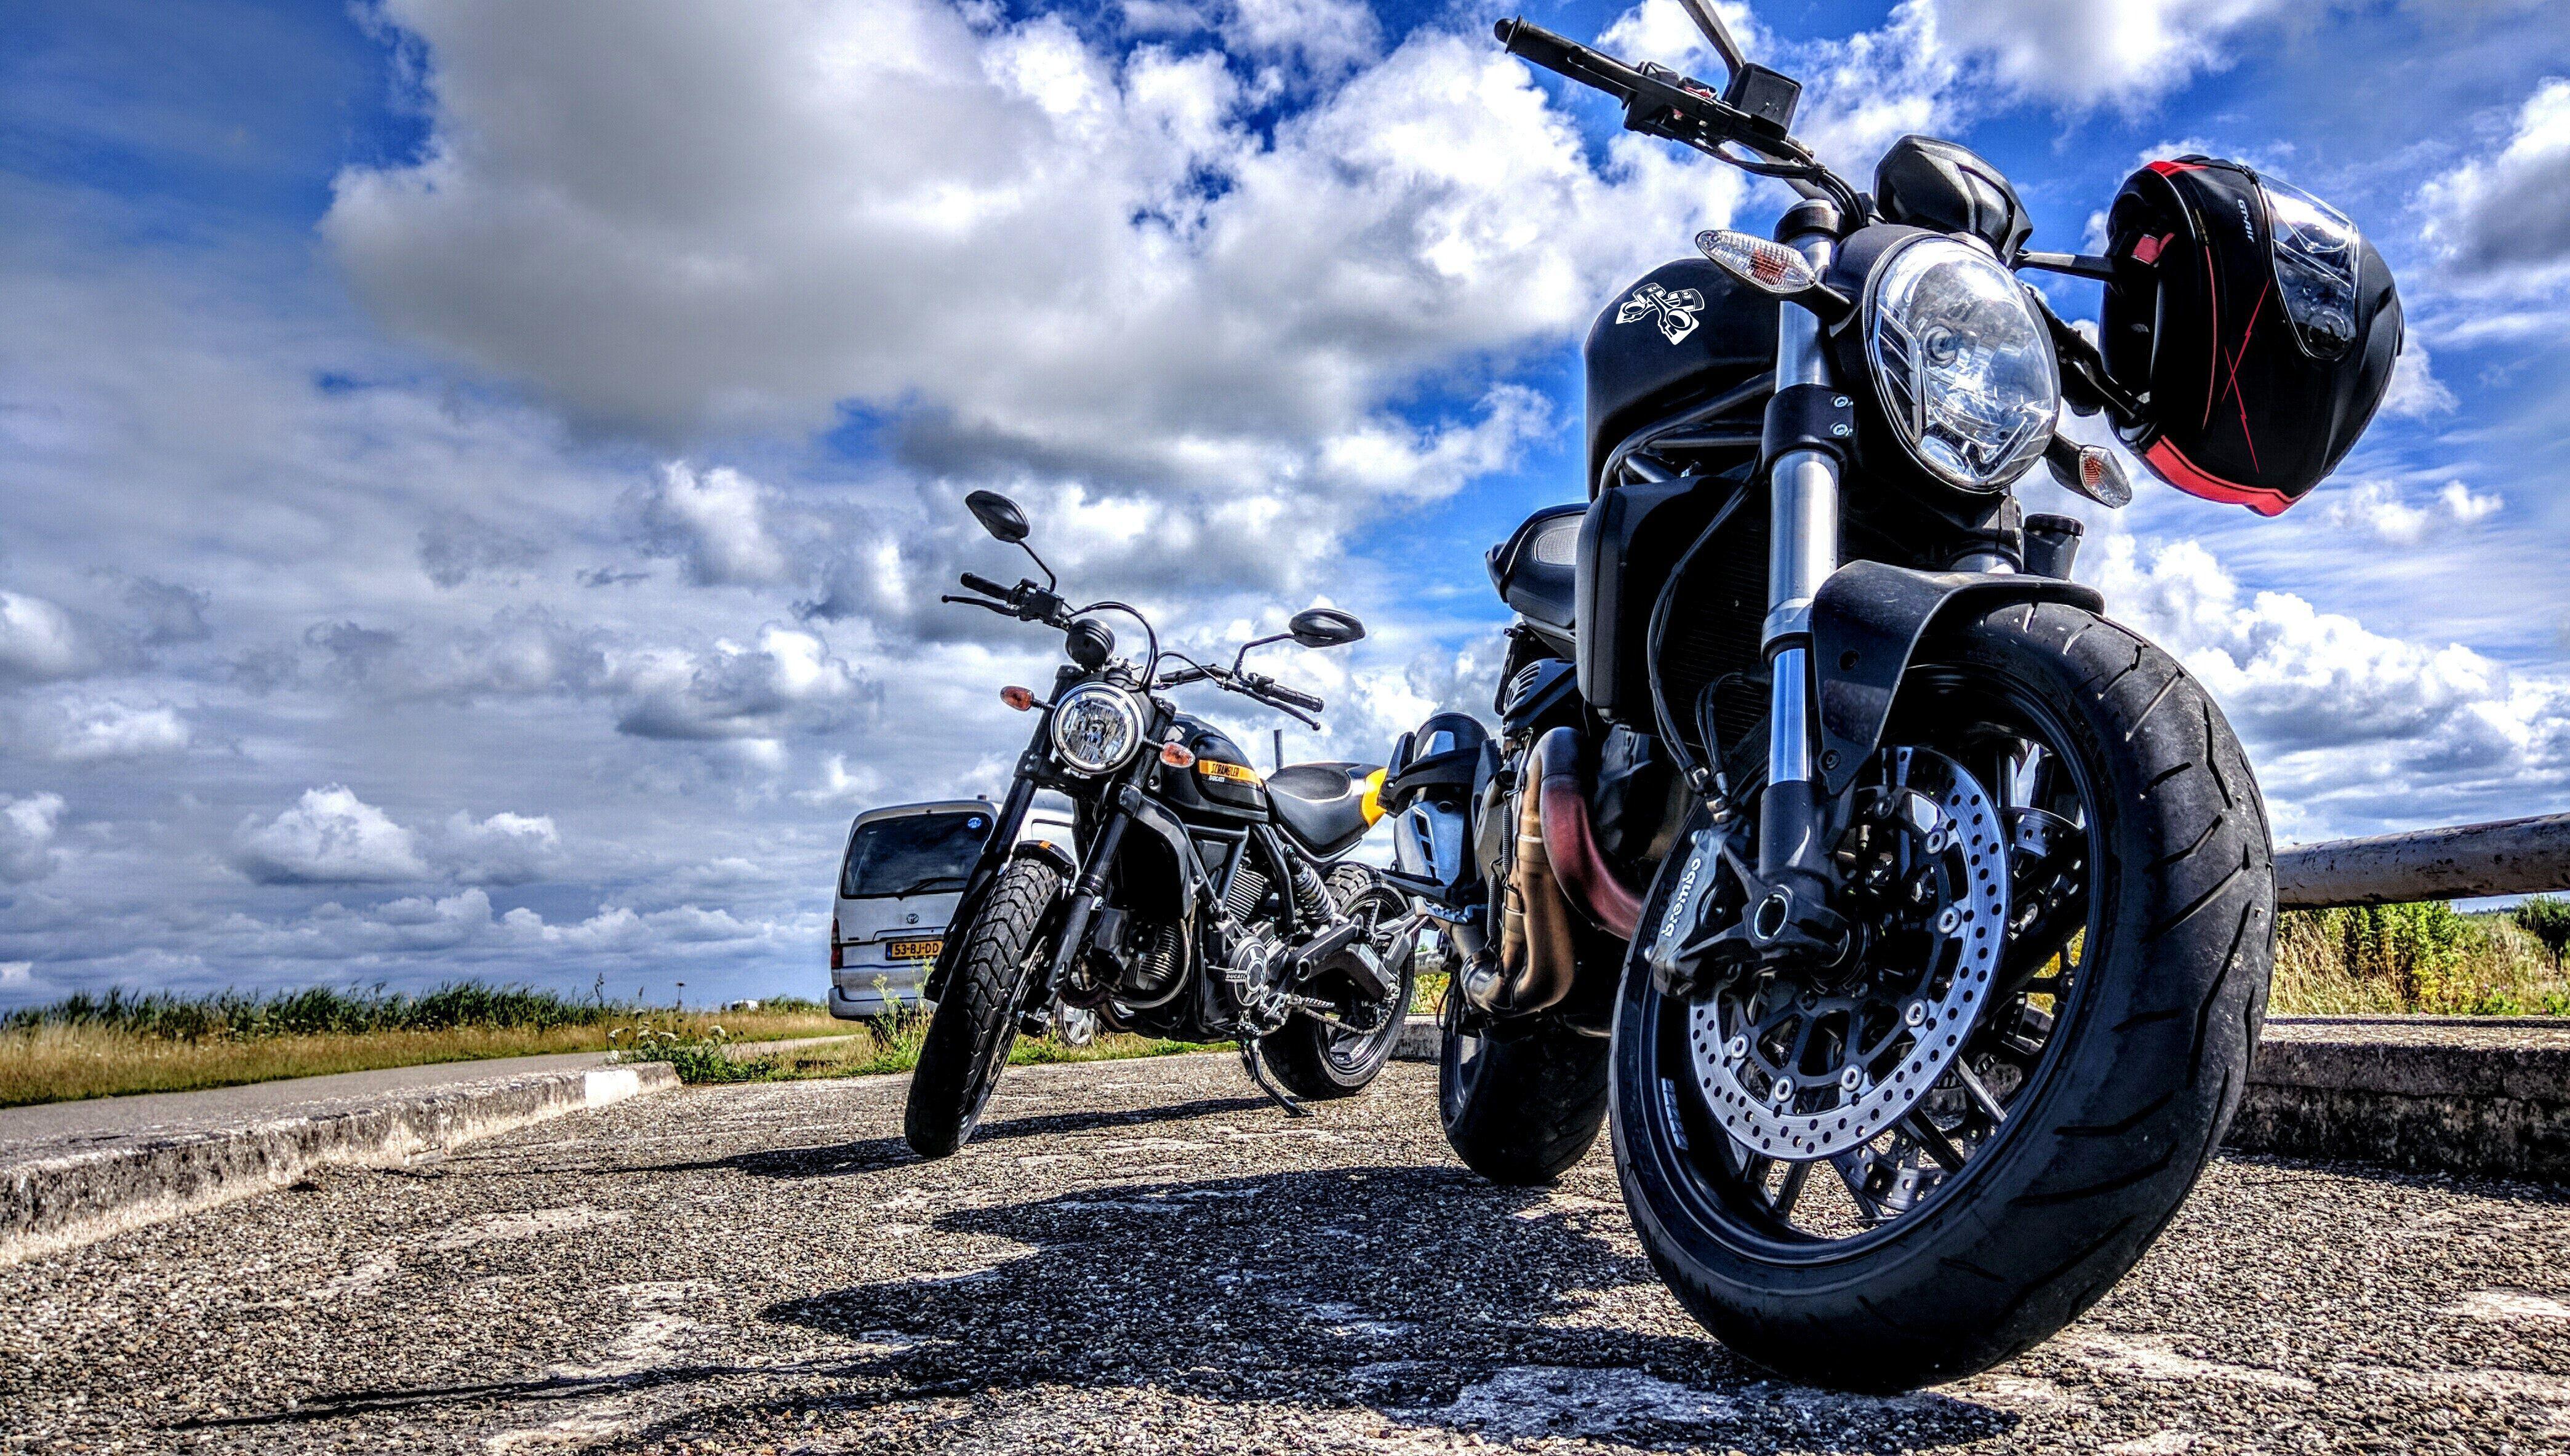 VL 800 Volusia Tuning Biker Sweatshirt ALTER MANN MIT Motorrad Zubehör Spruch